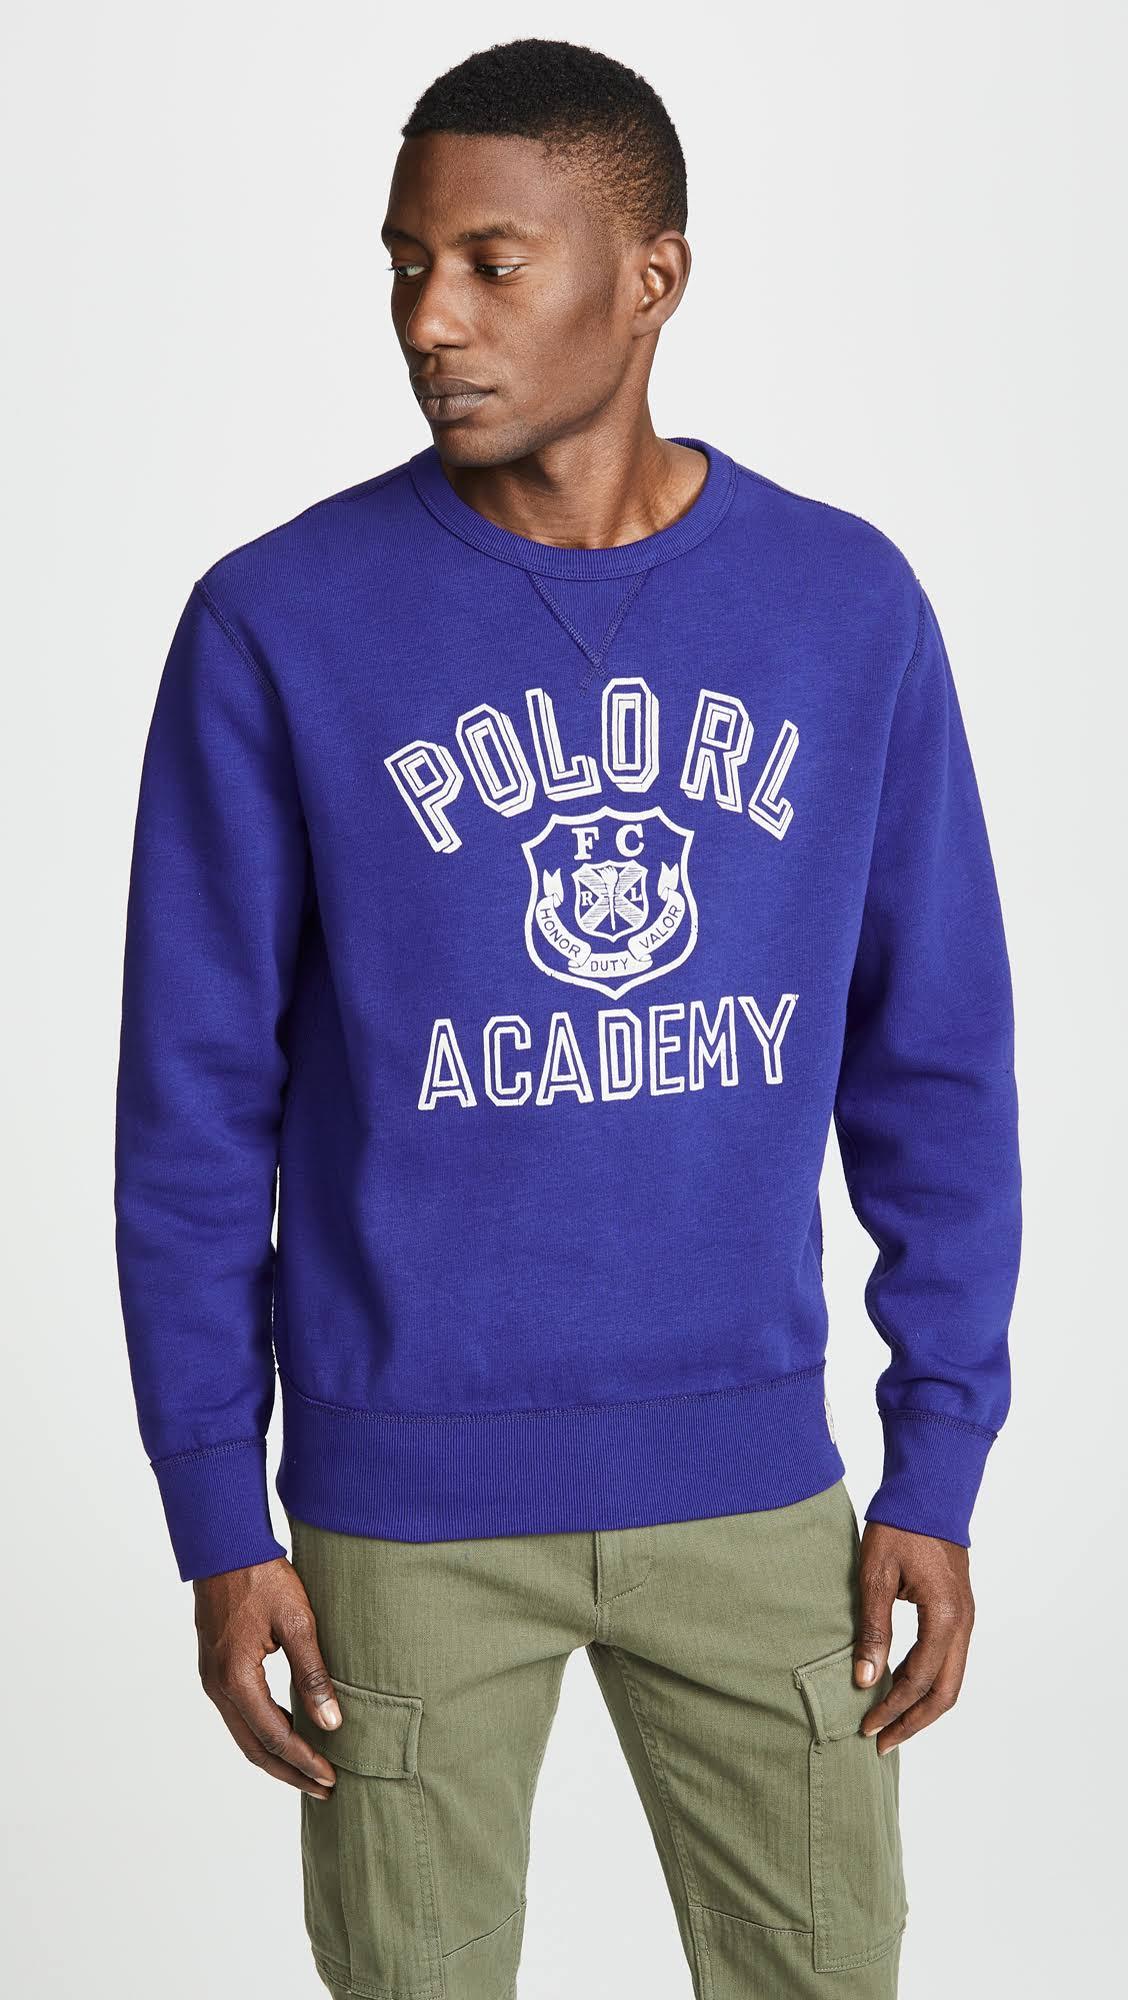 Größe Fleece Herren Sweatshirt Blau Lauren Ralph Graphic Polo S 6IqEz0wP